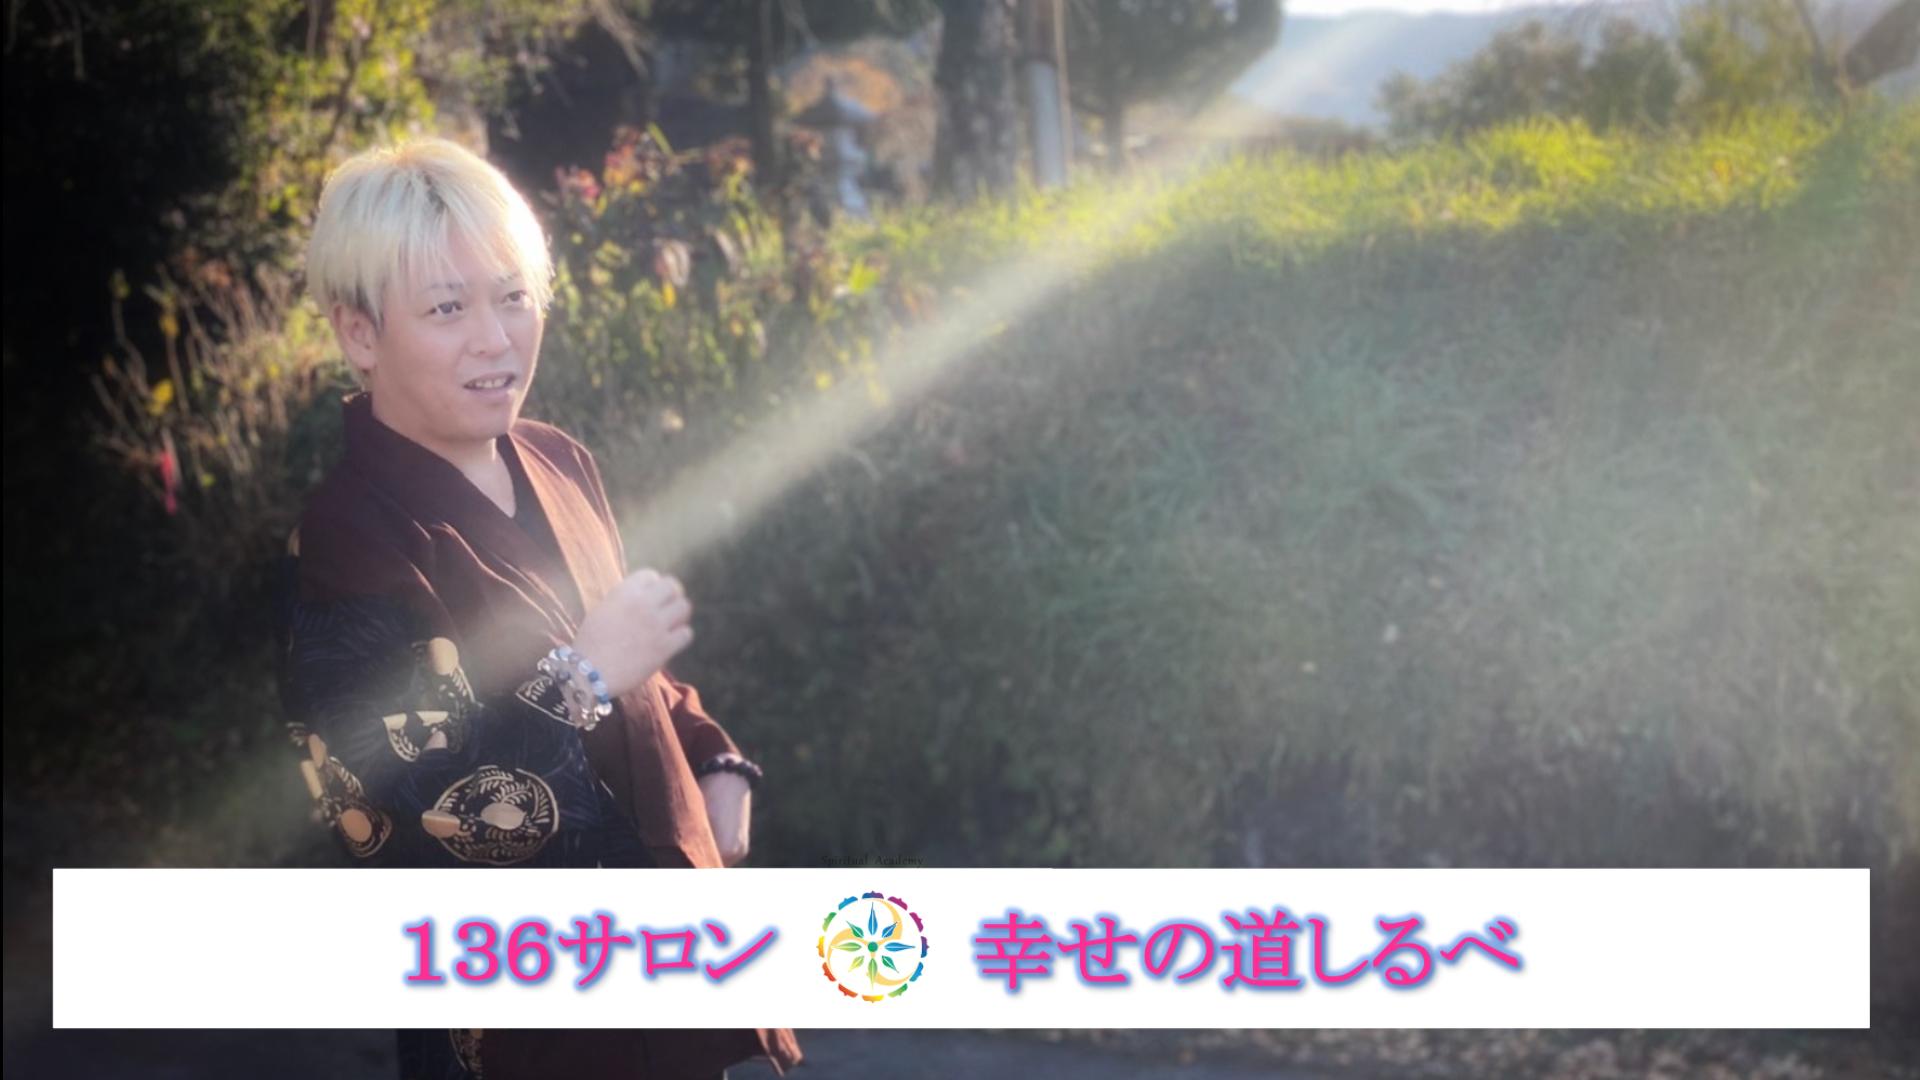 136サロン 【幸せの道しるべ】